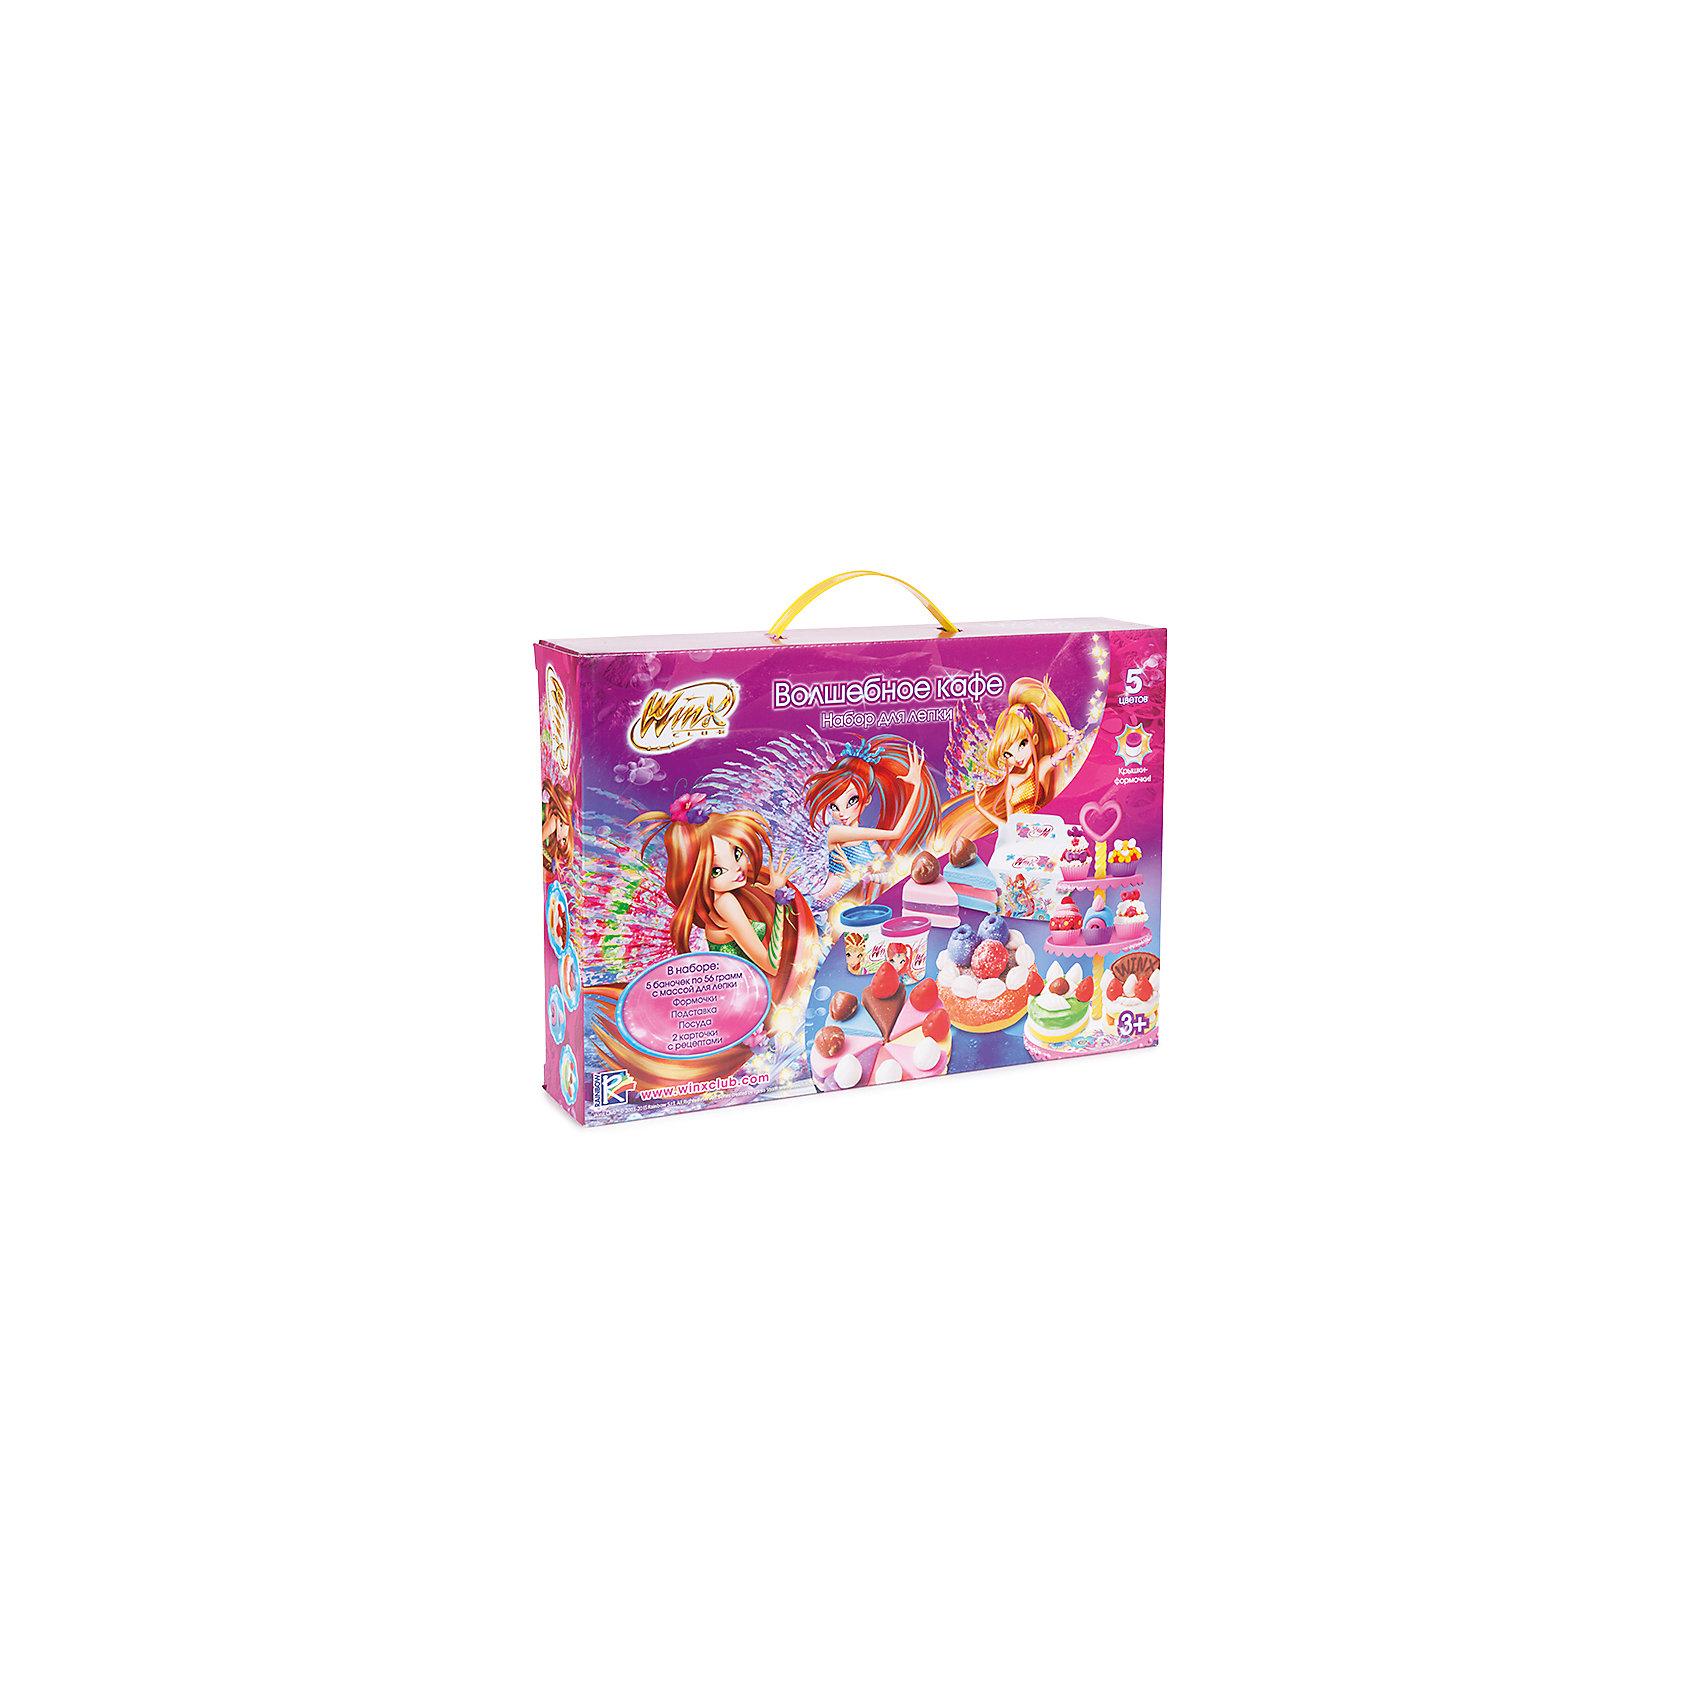 Набор для лепки Winx Волшебное кафеЛепка<br>Наборы для лепки Winx  - стань кондитером с любимыми героями!<br>Большой набор включает в себя 5 баночек с массой для лепки, пяти разных цветов. Так же в наборе есть всё необходимое для создания всевозможных вкусностей: посуда, формочки, подставки, инструменты! Рецепты сладостей проиллюстрированы в красочной инструкции.  <br><br>Дополнительная информация:<br><br>- 5 баночек с массой для лепки по 56 г. 5 цветов<br>- Интересные и разнообразные аксессуары<br>- Пресс-машина<br>- Материал: пластмасса, пластилин.<br>- Размер упаковки:  37x26x7 см.<br><br>Купить набор для лепки Winx Волшебное кафе  можно в нашем магазине.<br><br>Ширина мм: 370<br>Глубина мм: 260<br>Высота мм: 75<br>Вес г: 1225<br>Возраст от месяцев: 36<br>Возраст до месяцев: 72<br>Пол: Женский<br>Возраст: Детский<br>SKU: 4753815